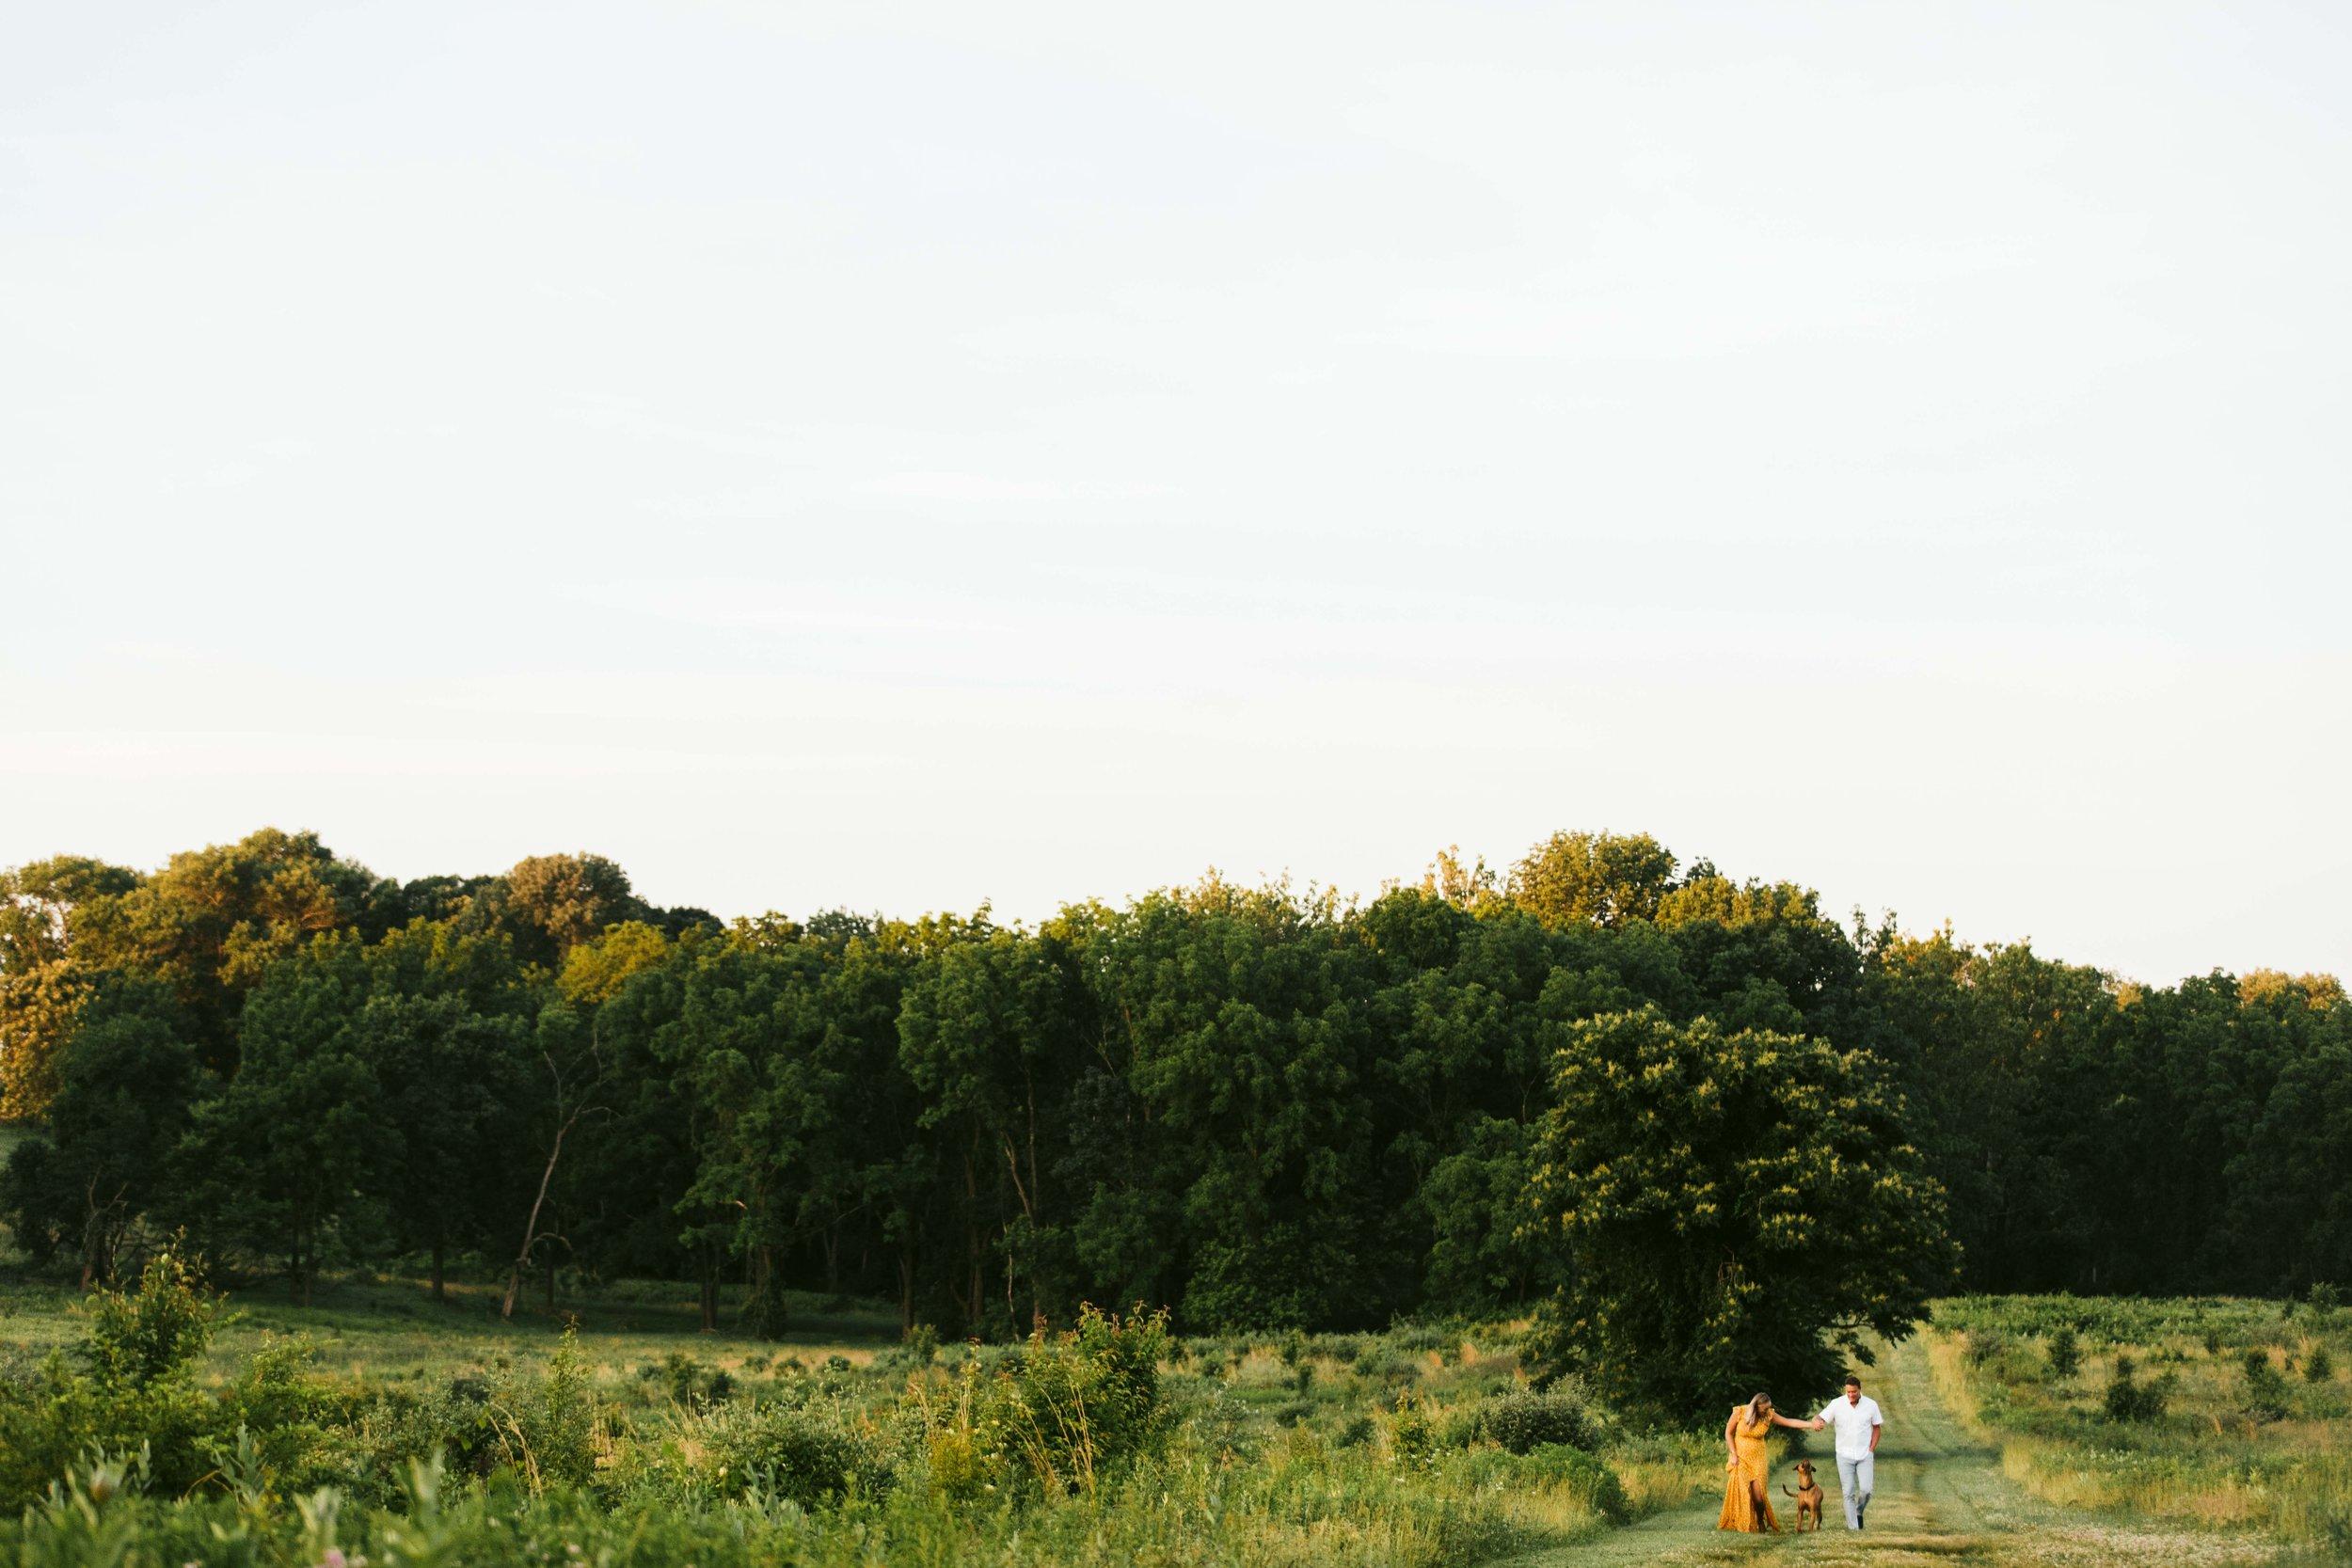 aarenleephotographyg-74-3.jpg